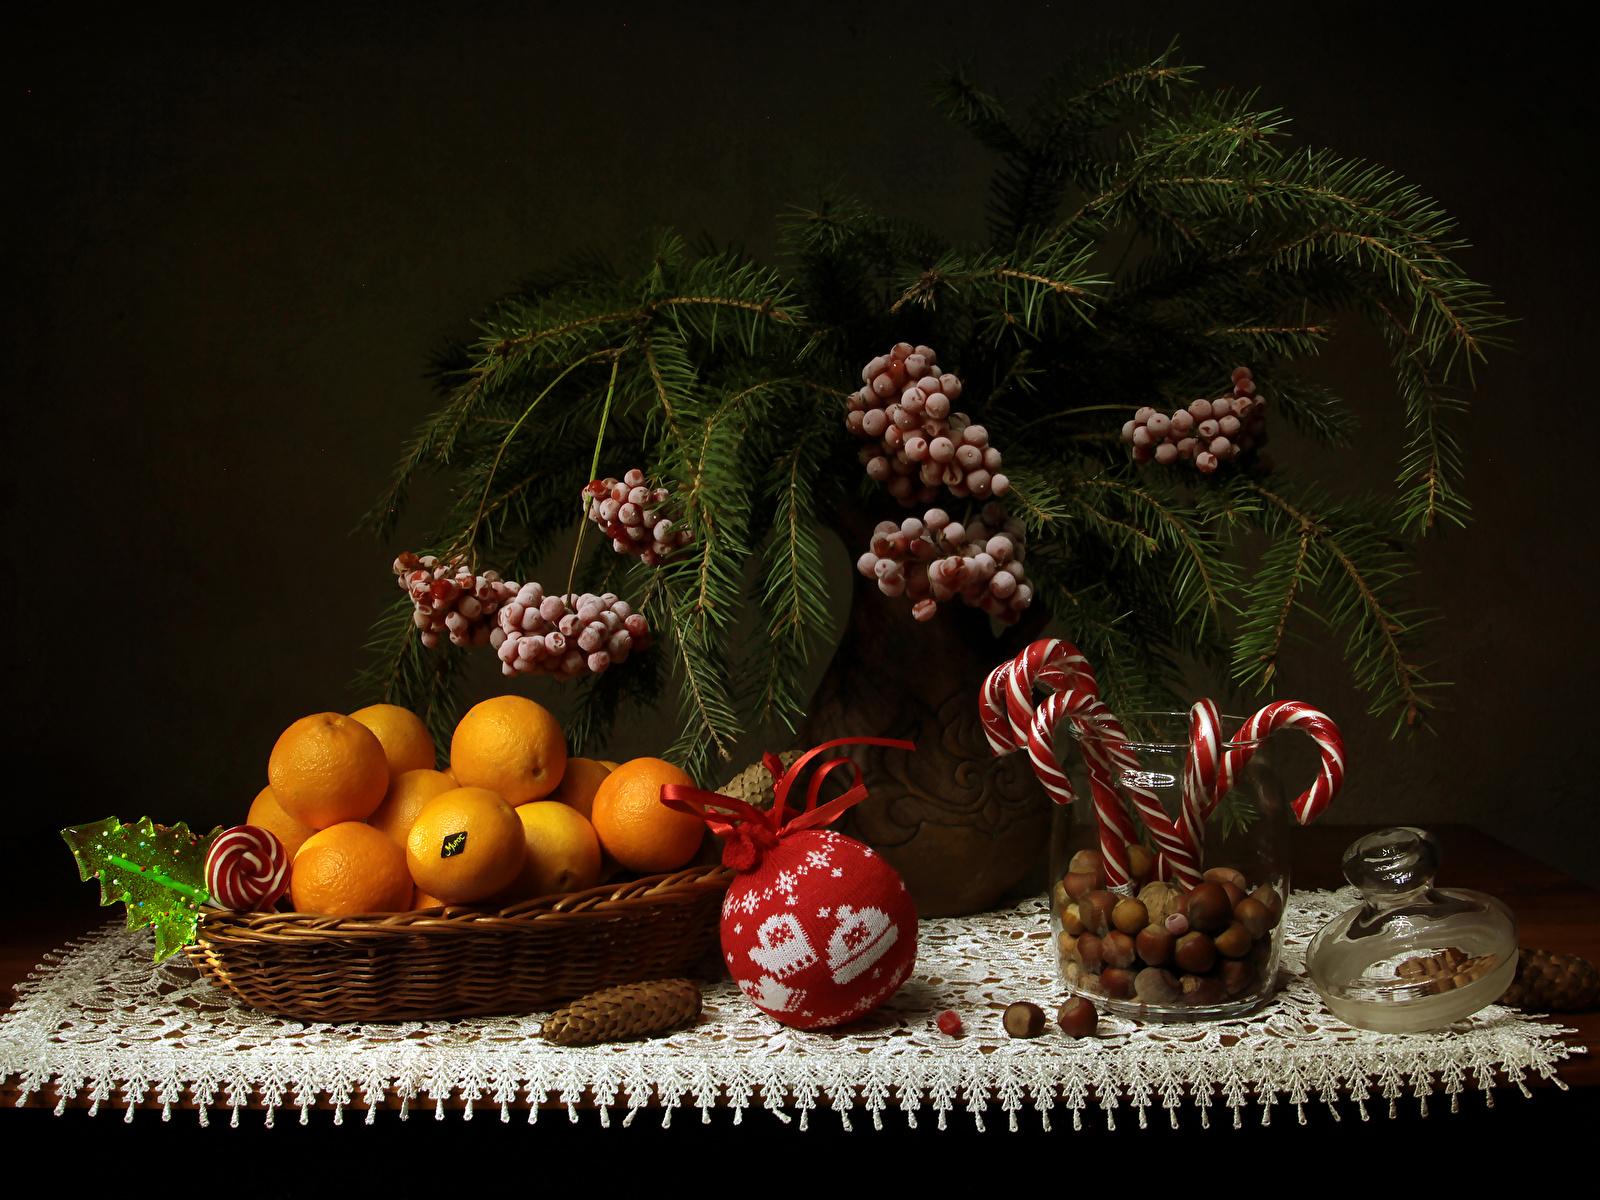 Обои для рабочего стола Новый год Мандарины Пища Ягоды на ветке Орехи Сладости Натюрморт 1600x1200 Рождество Еда ветвь Ветки ветка Продукты питания сладкая еда